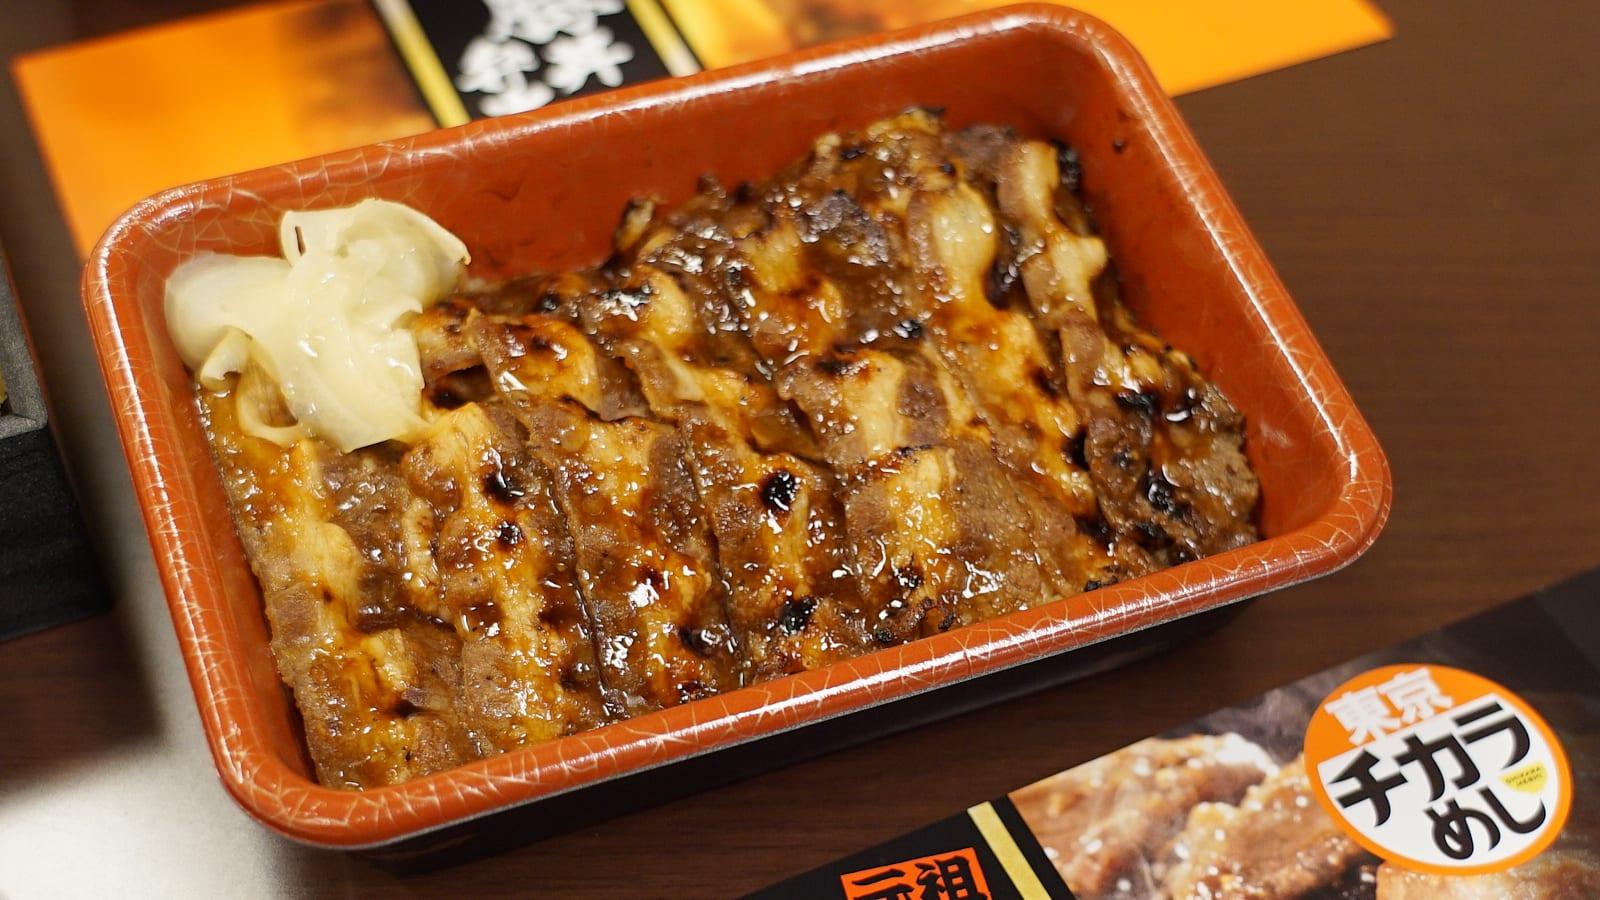 東京チカラめし「焼き牛丼 の弁当